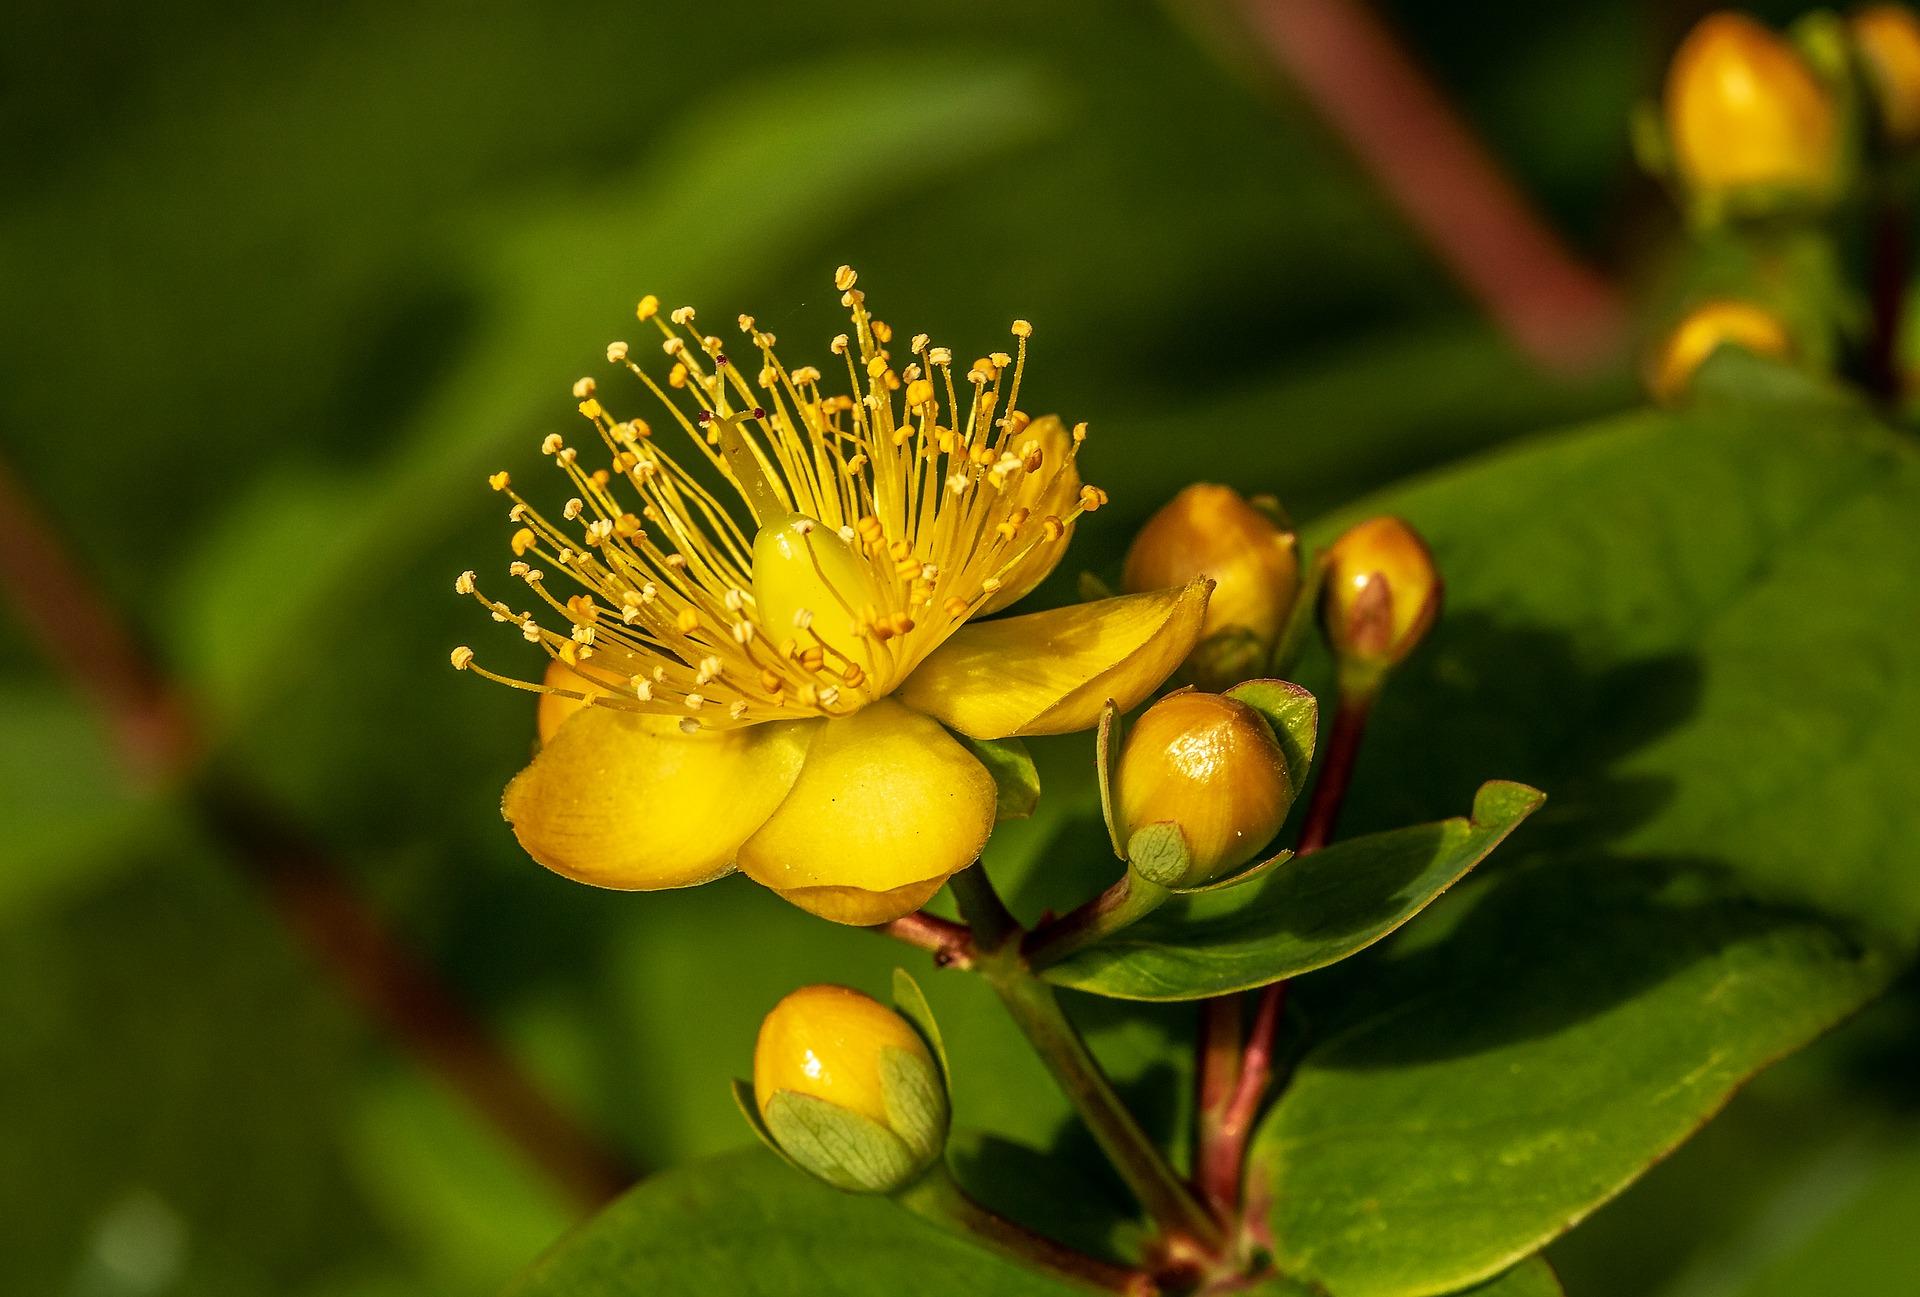 gelbe Johanniskraut-Blüte mit grünem Hintergrund